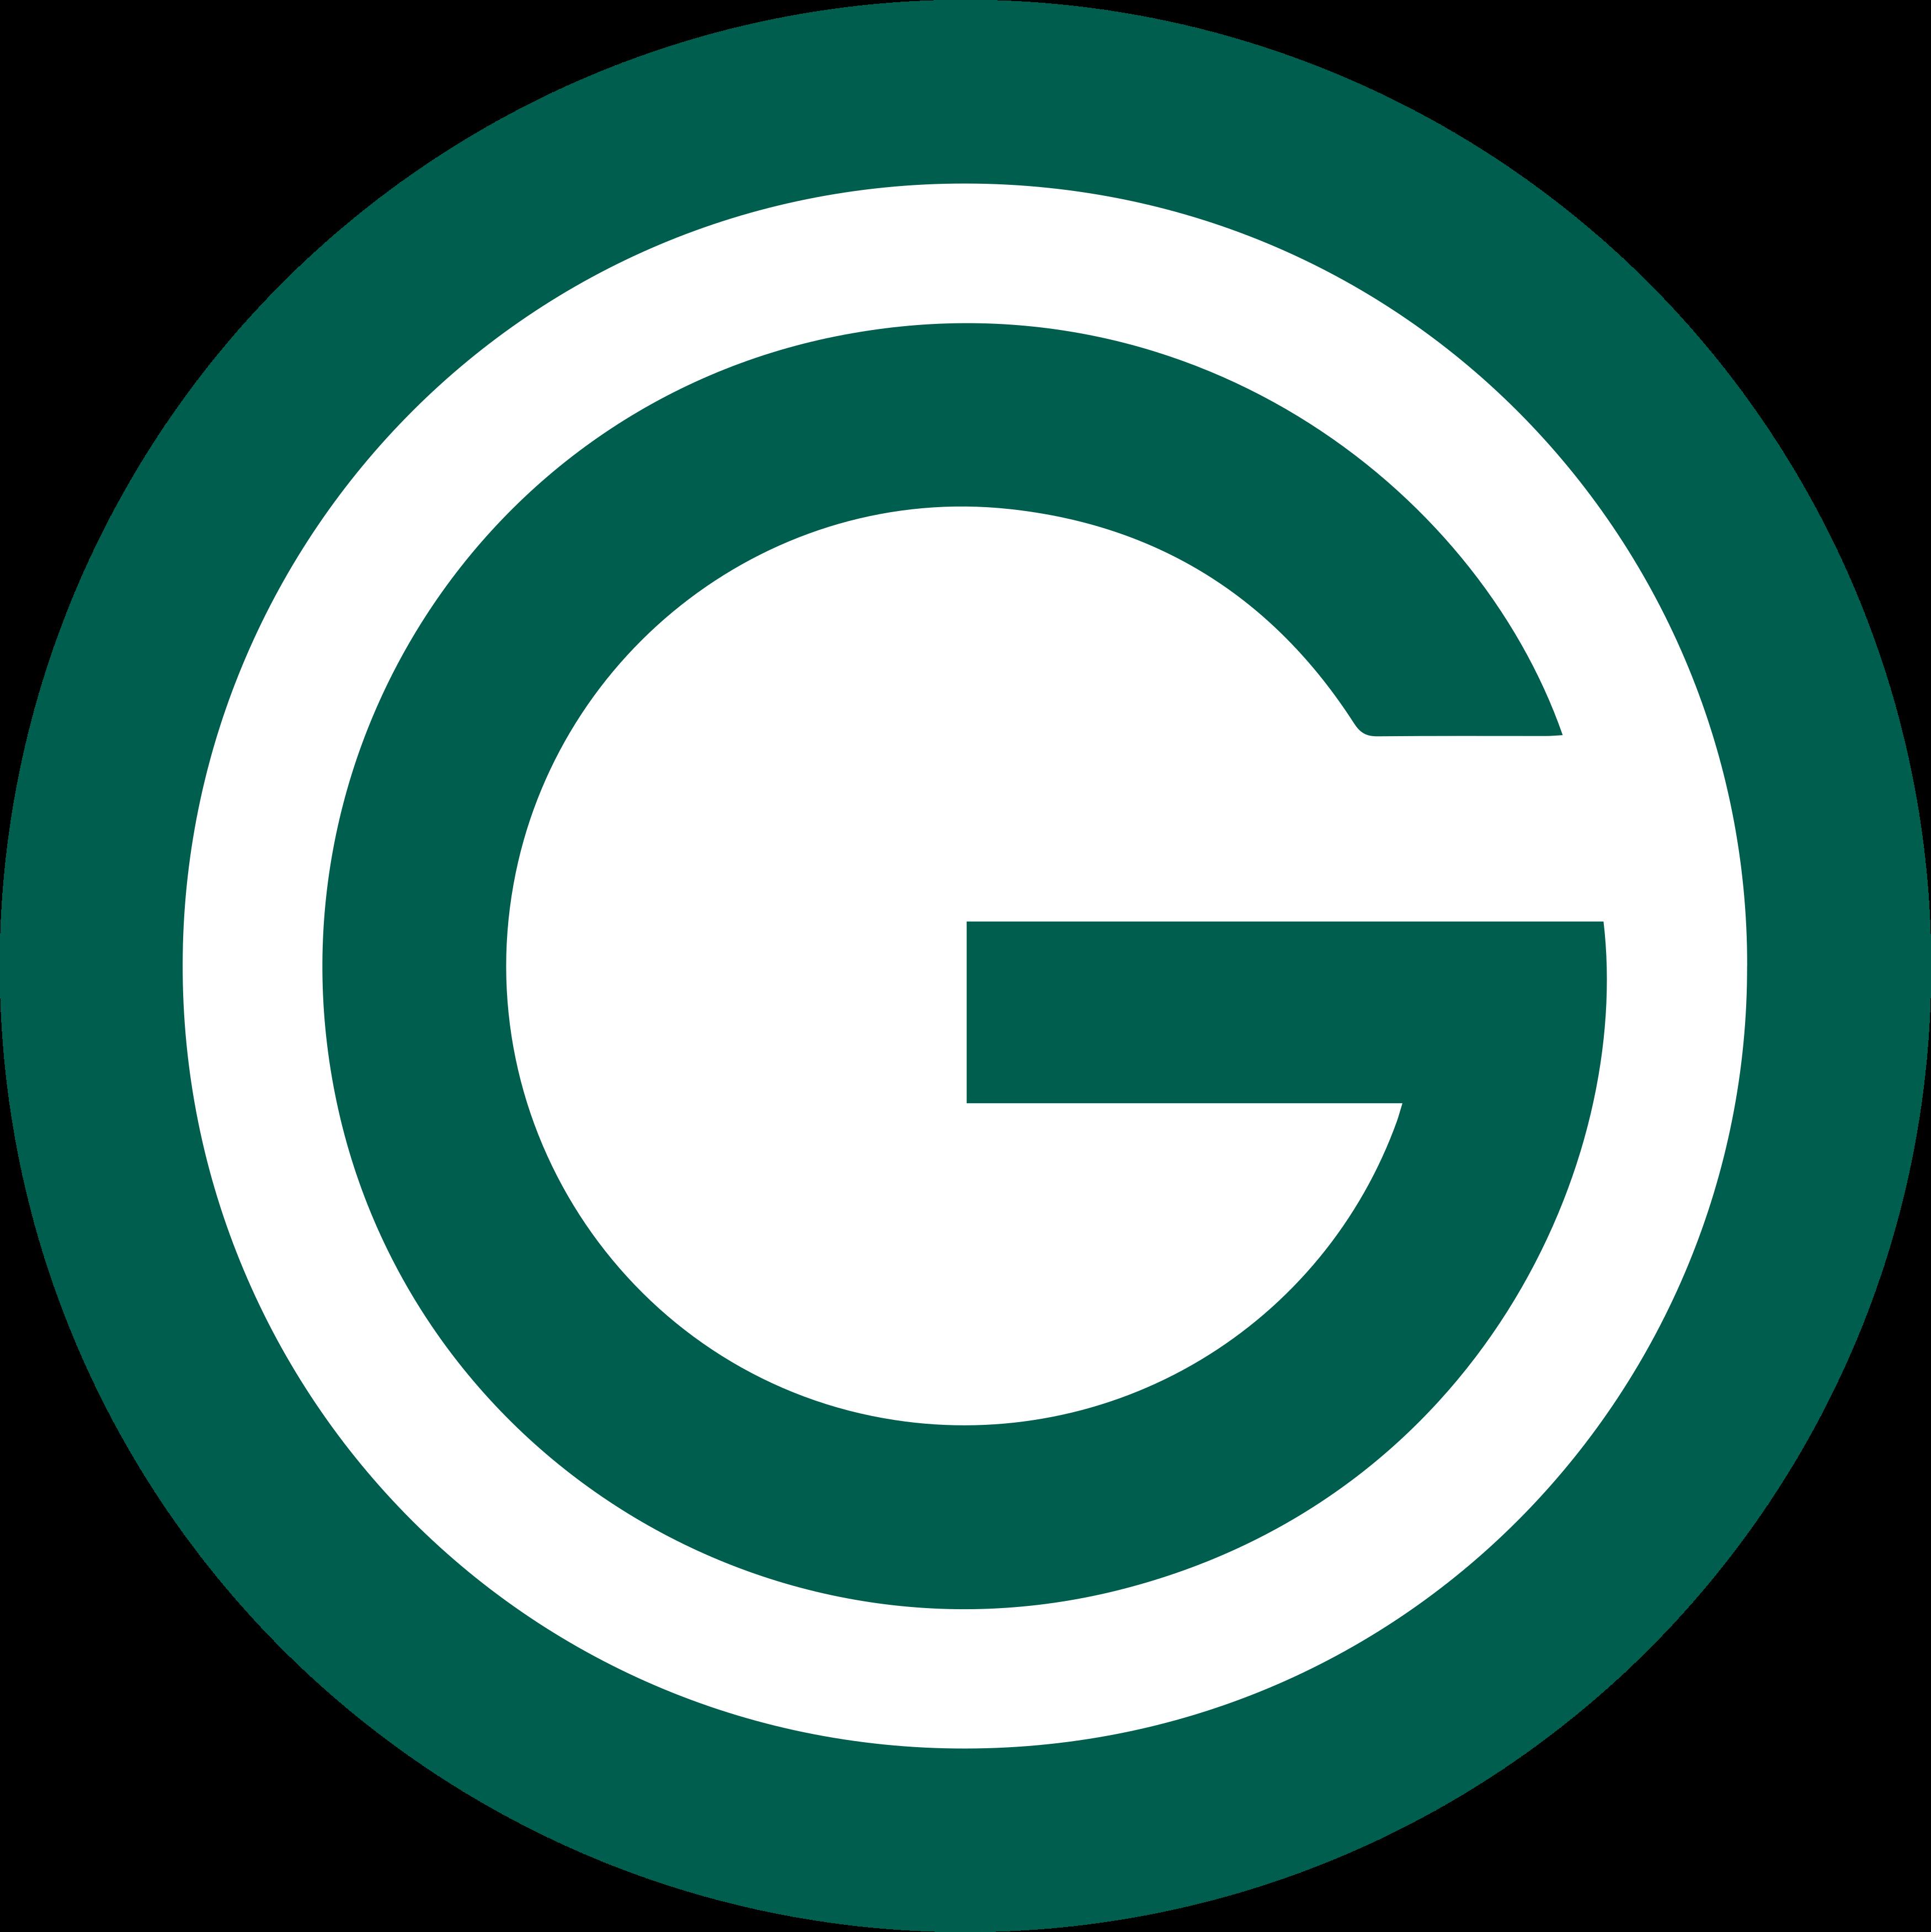 goias logo escudo 16 - Goiás EC Logo